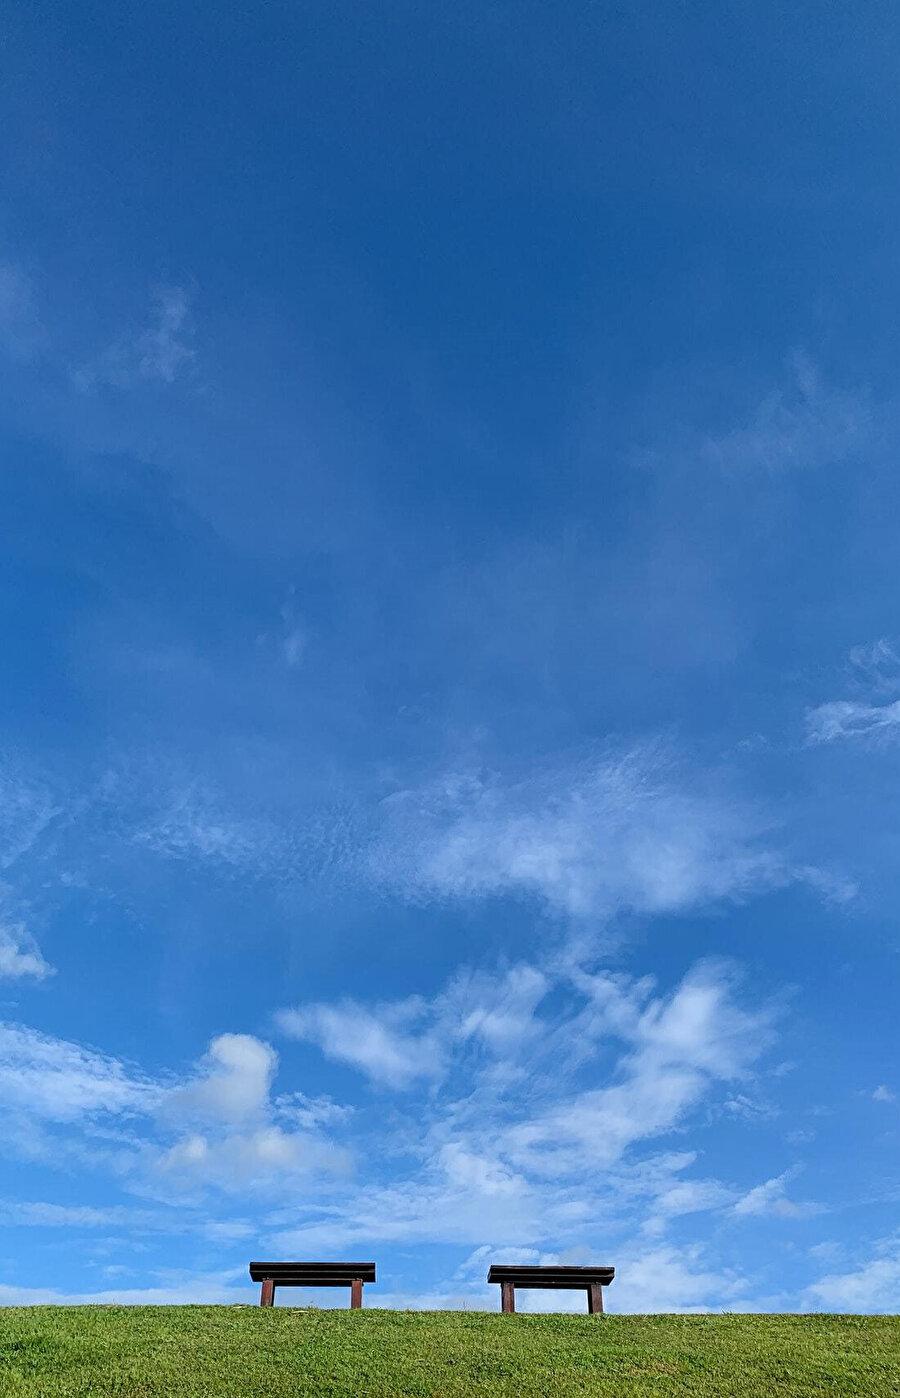 Gök ile yer arasında yaratılmışız. Ayaklarımız yere basarken, başımız göğe doğru uzanıyor.